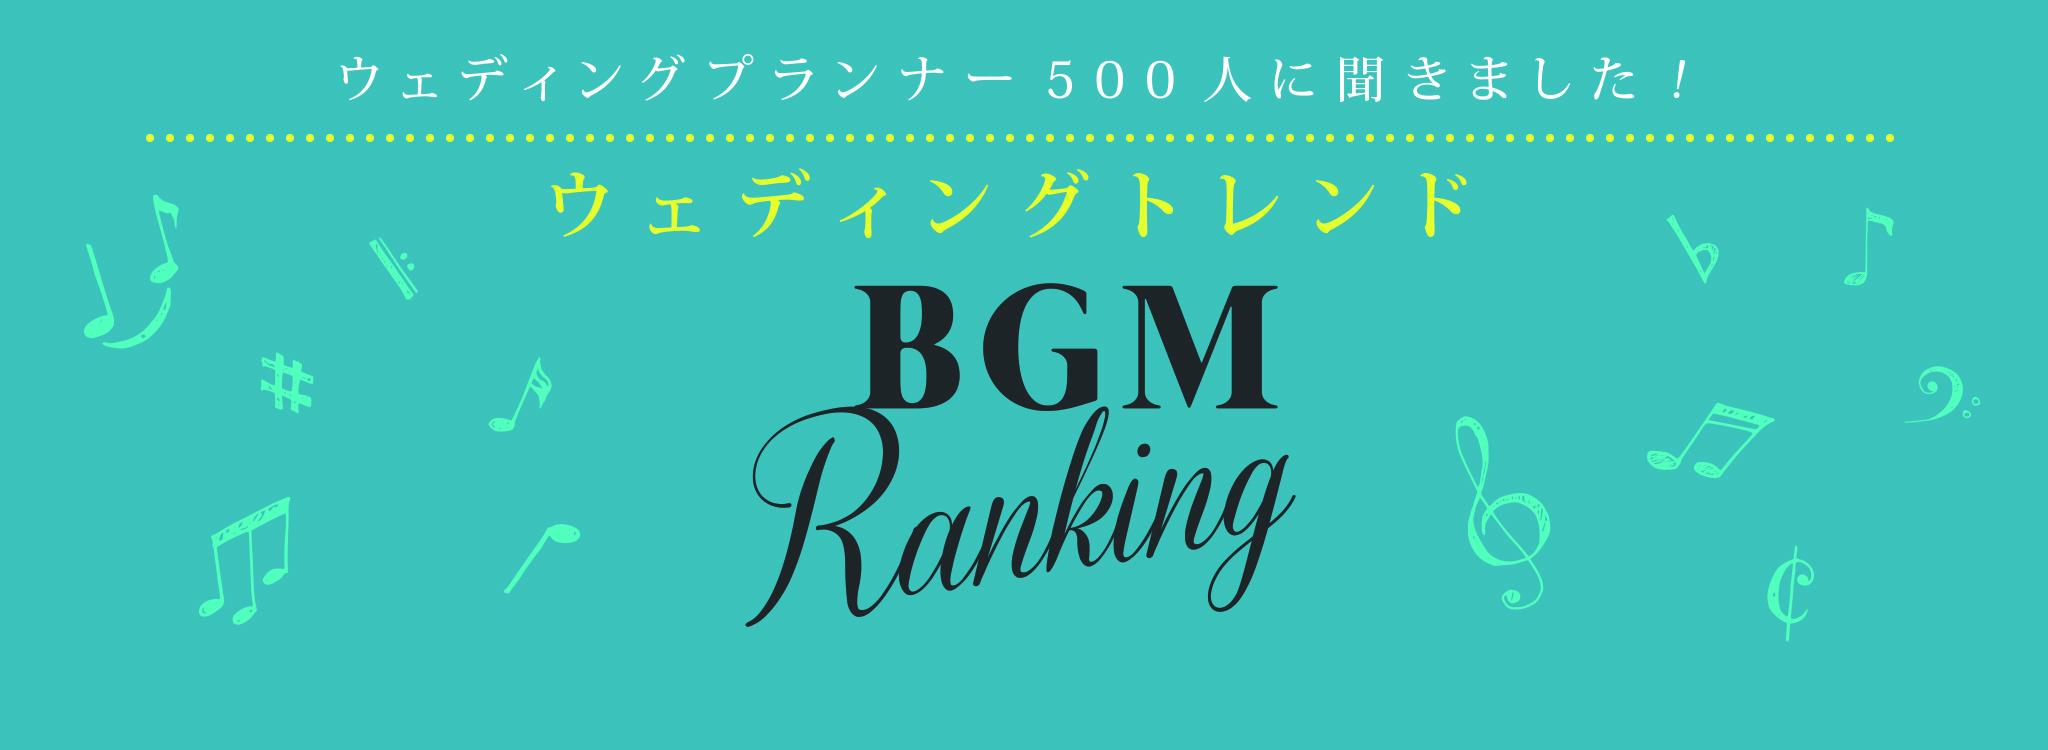 【2015年最新】ダントツのNO.1はあの曲!結婚式BGMランキングを発表!